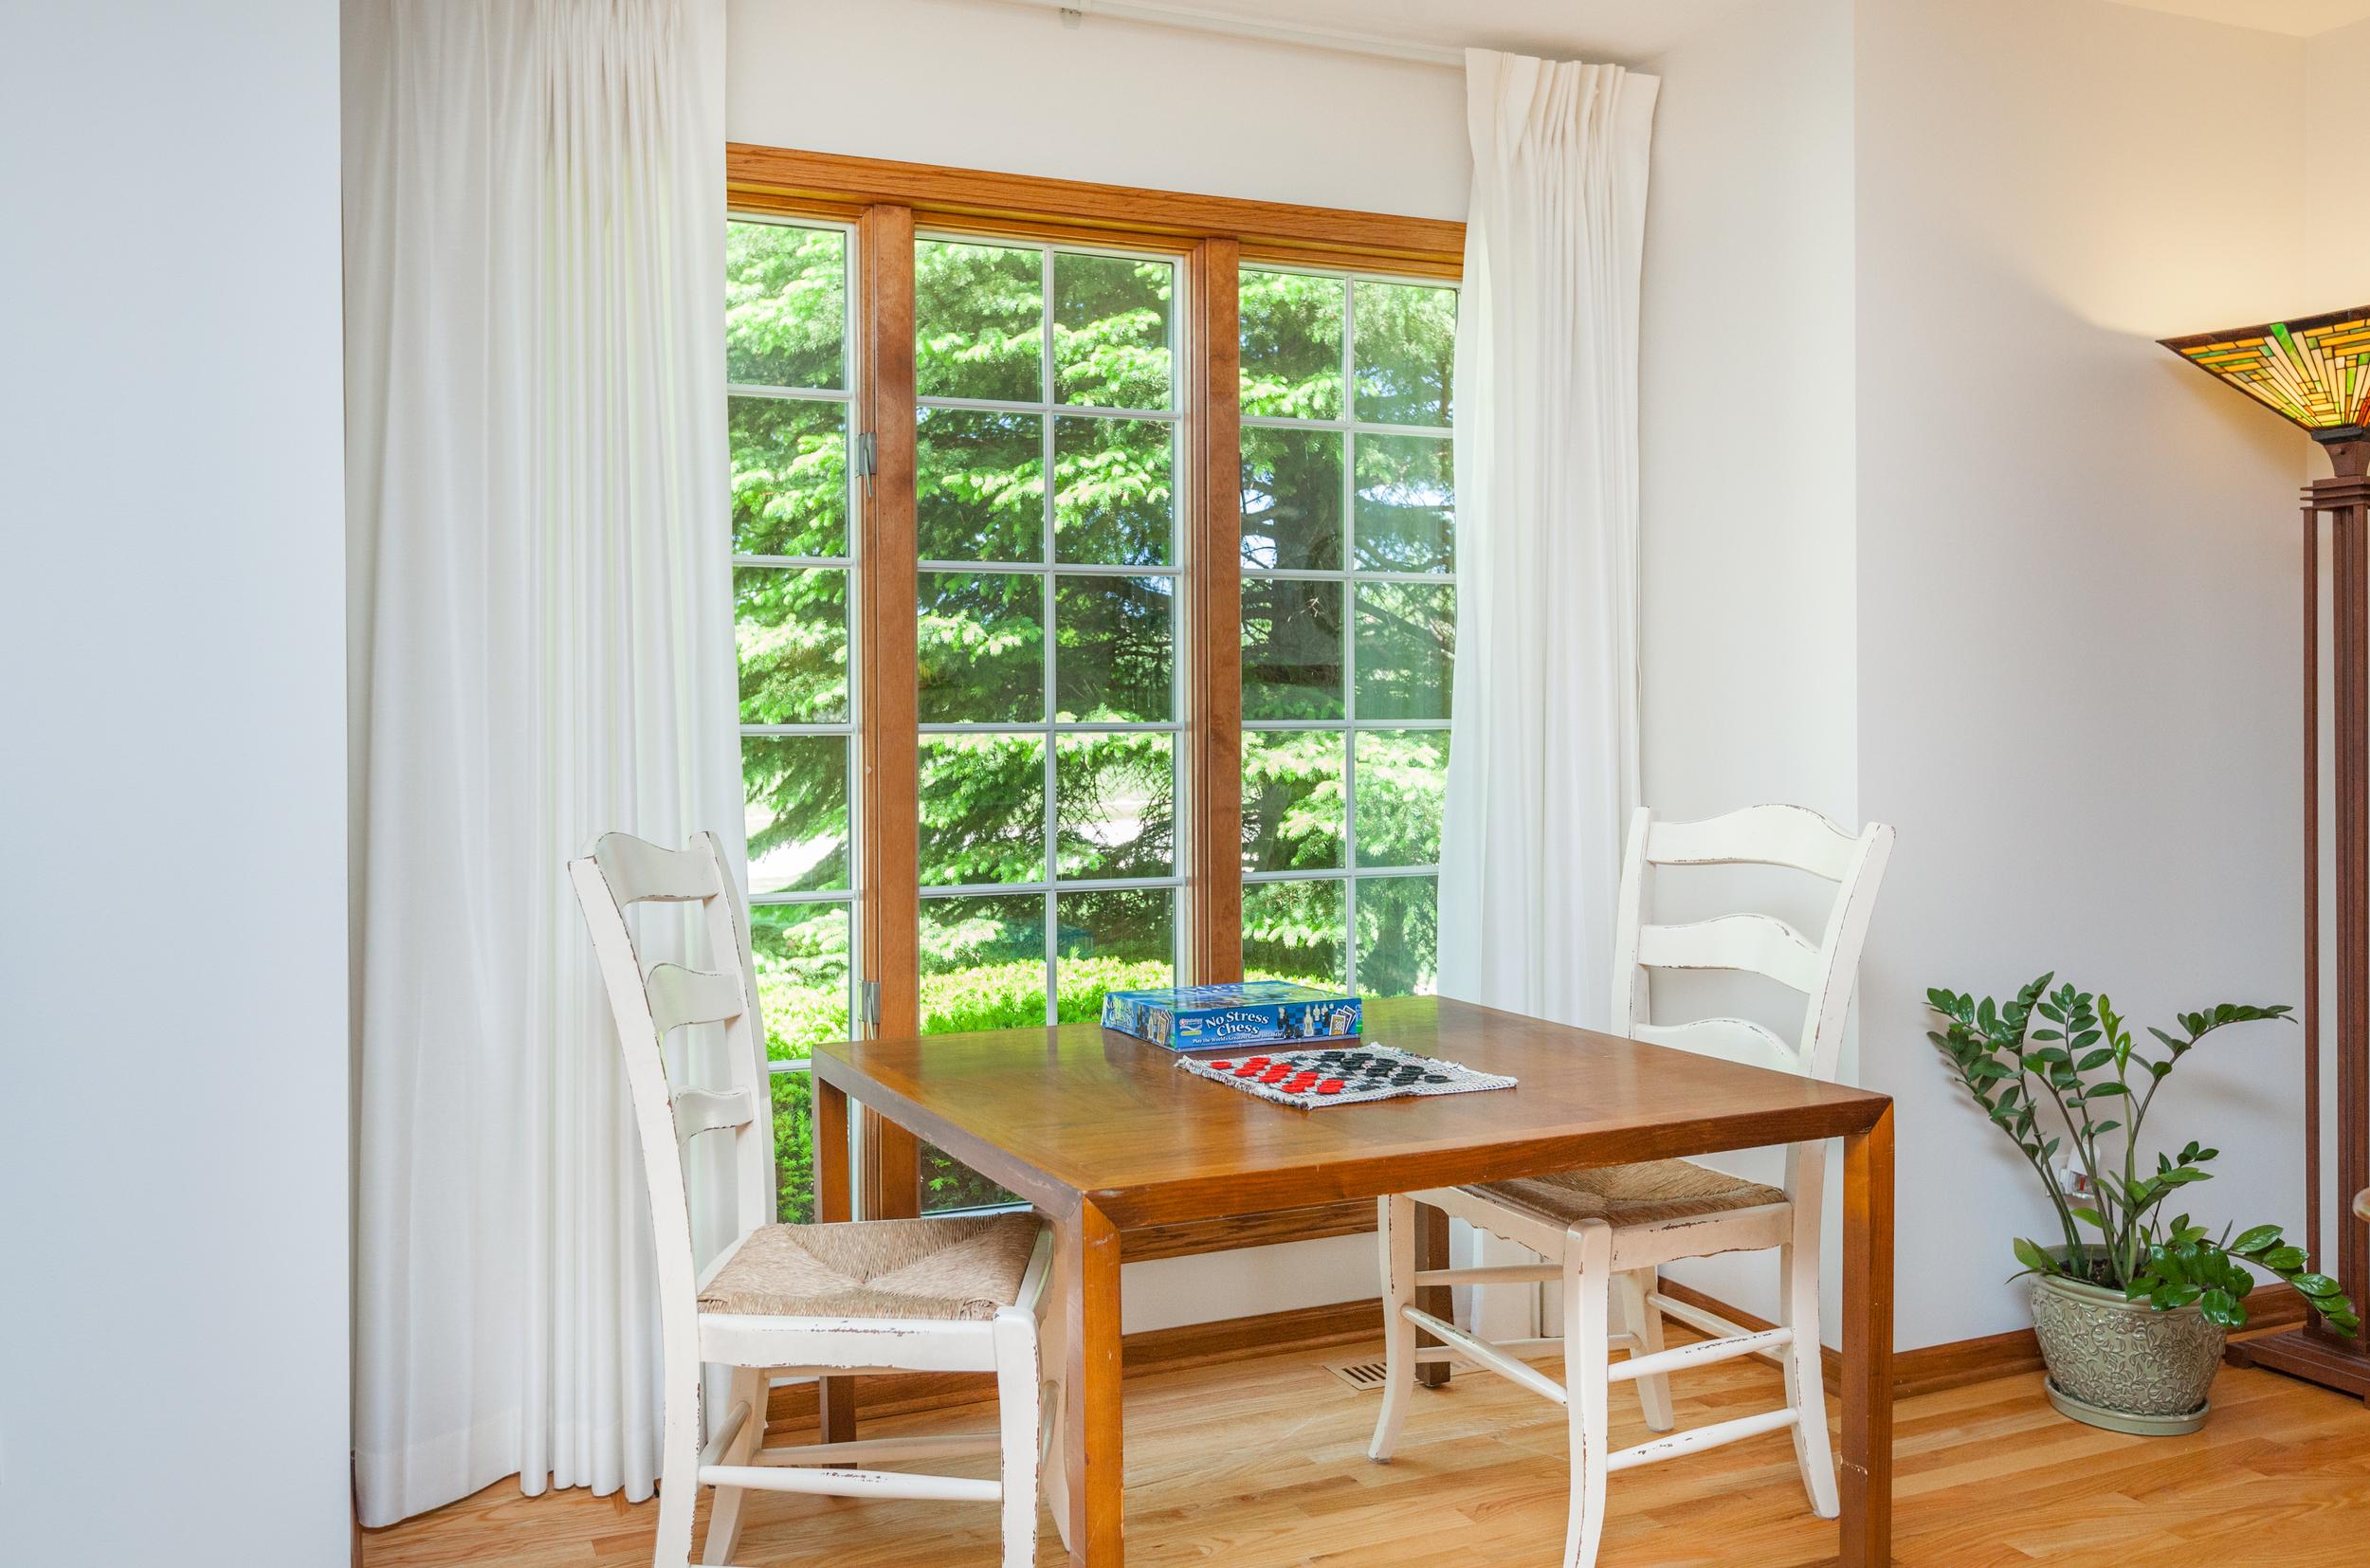 Living Room Window Seating.jpg